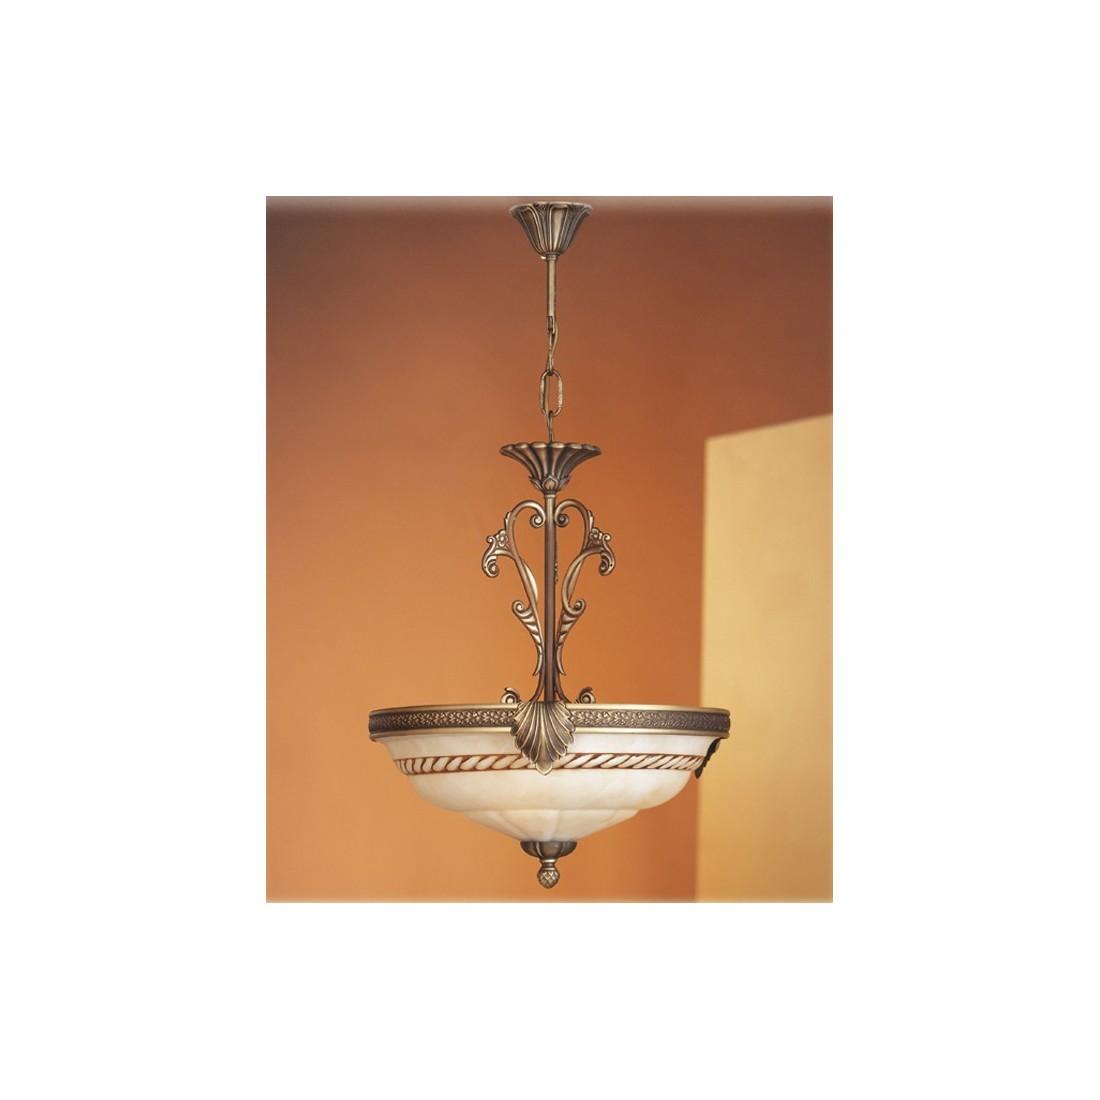 Plaf n de cristal con tulipa cortina env o r pido y seguro for Plafones clasicos